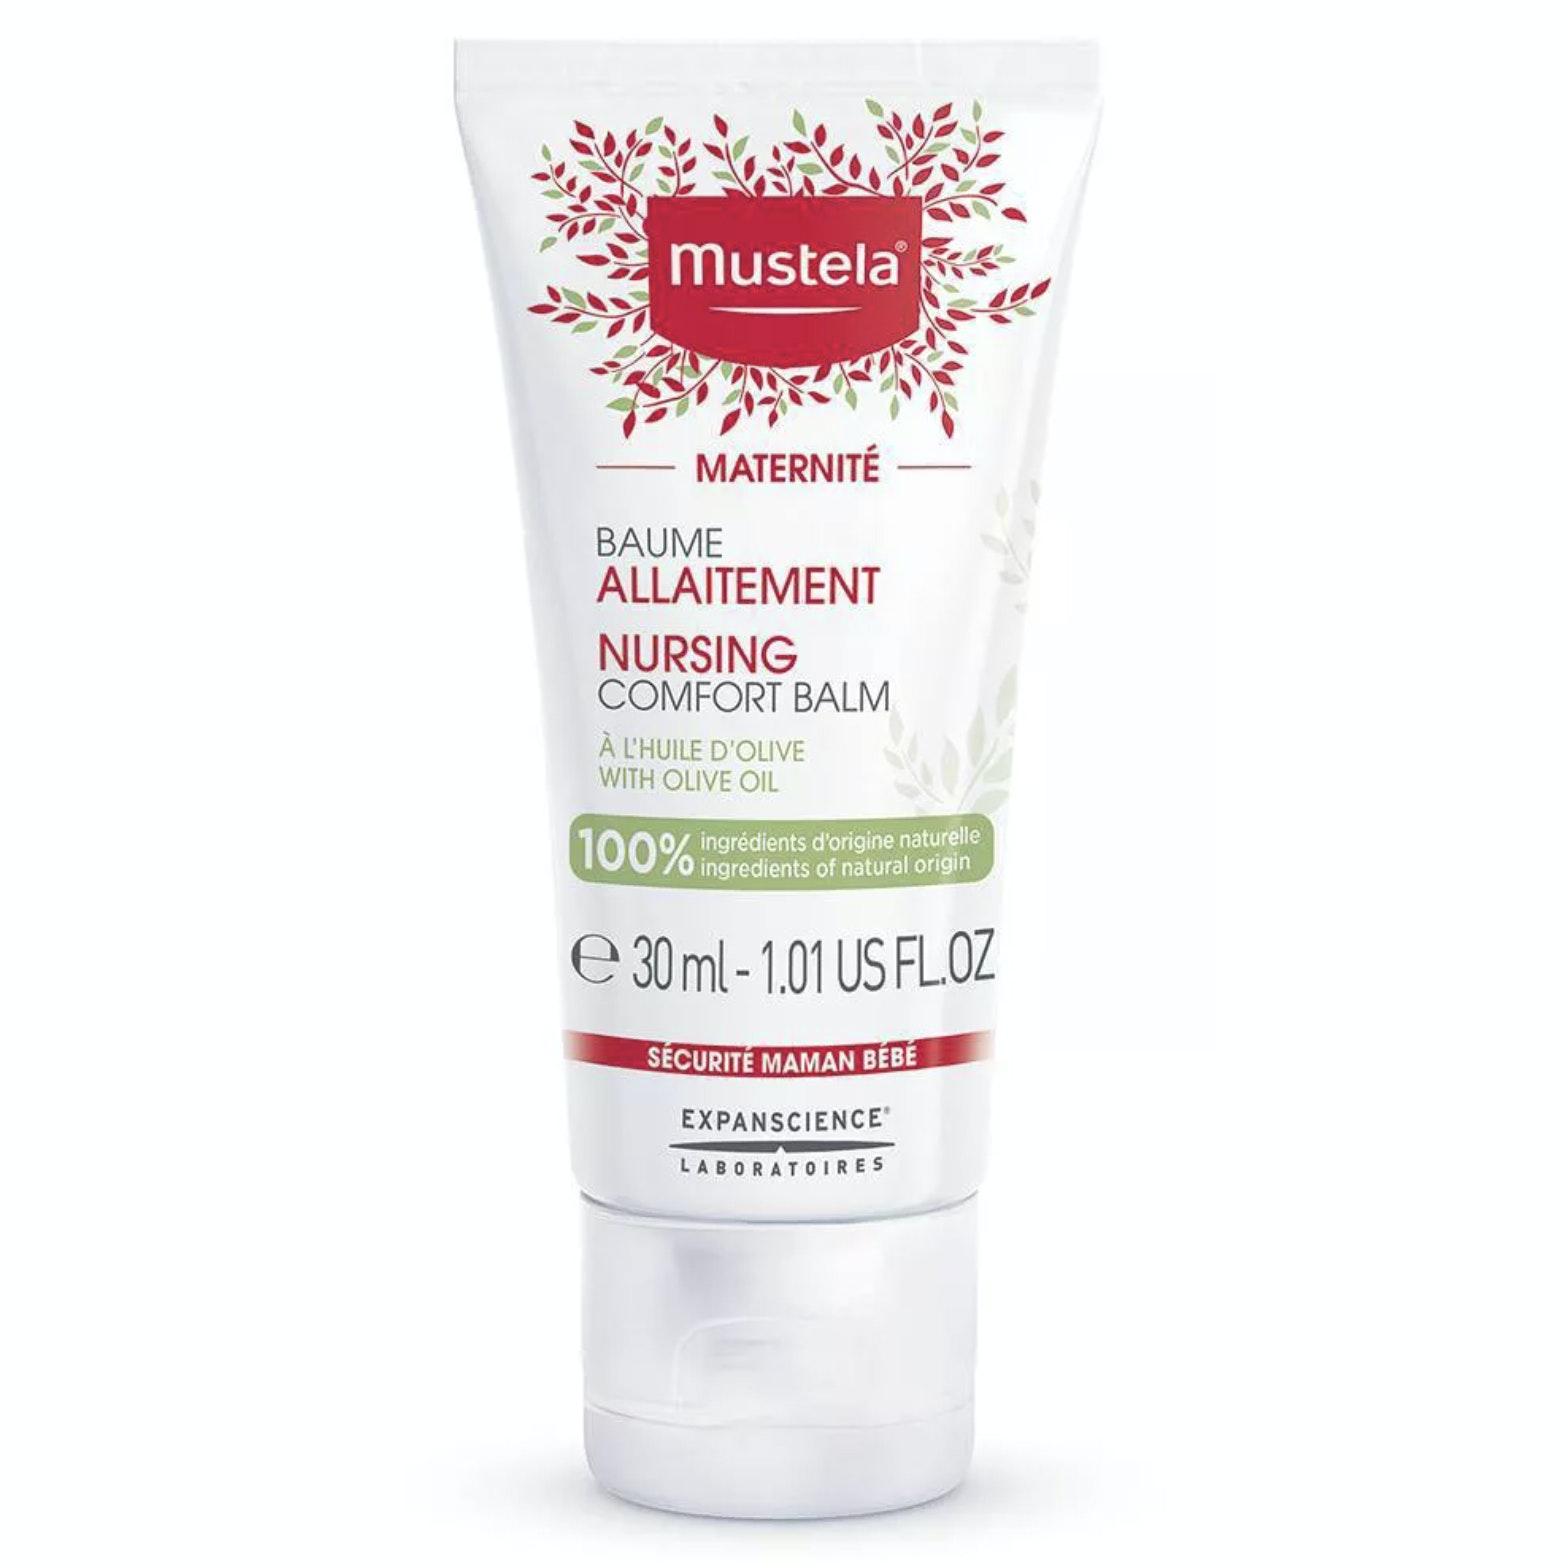 Mustela® Nursing Comfort Balm